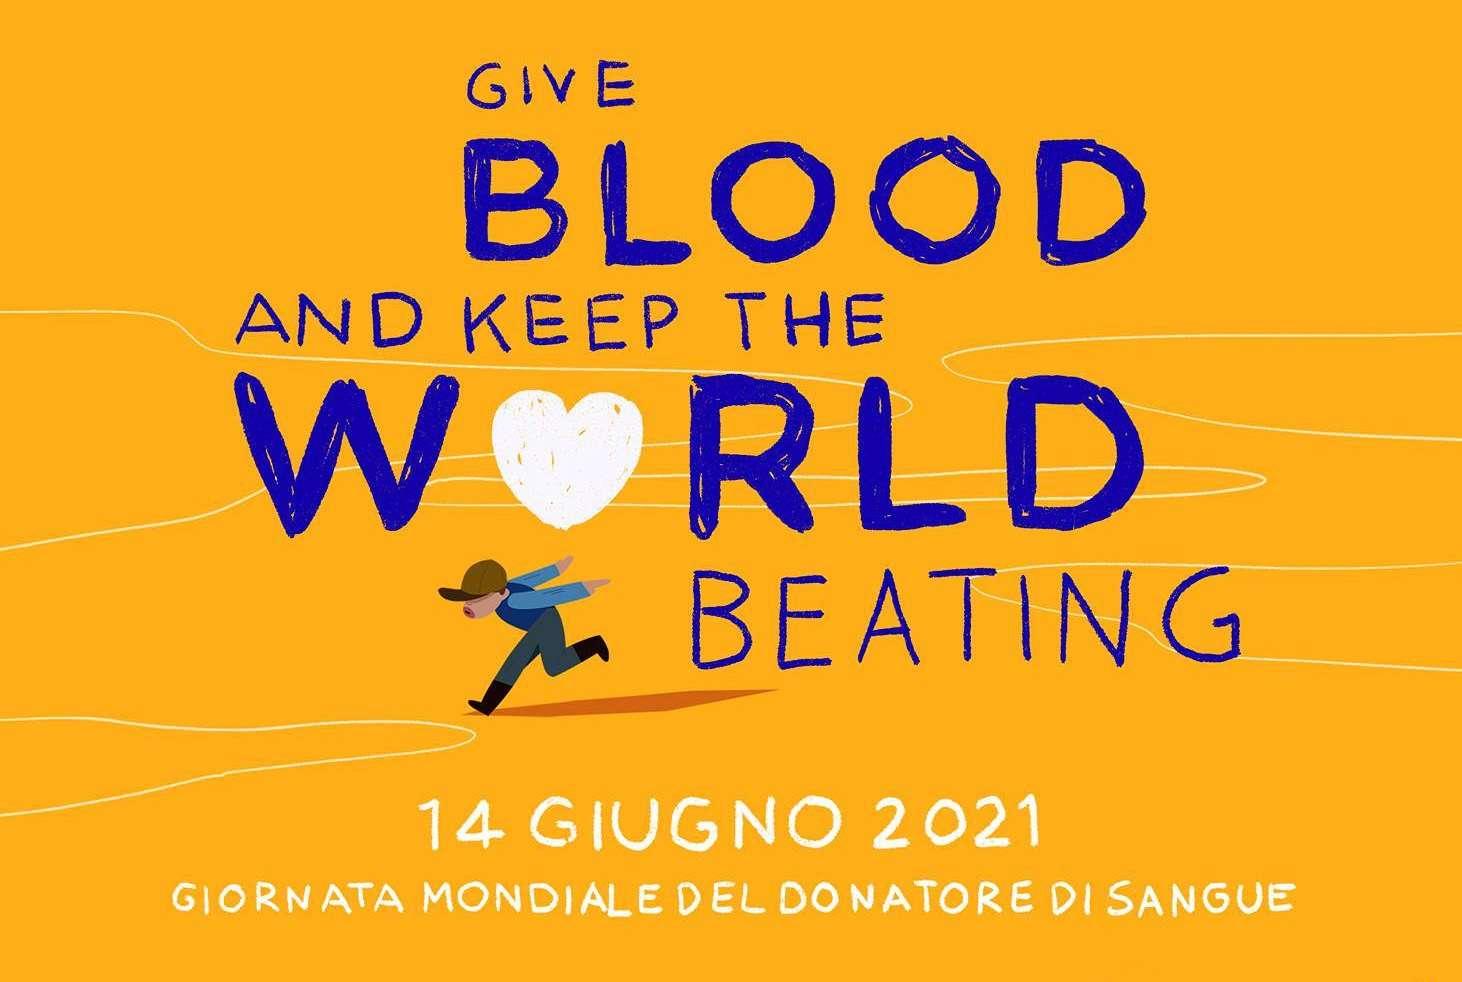 Giornata Mondiale del Donatore di Sangue 2021